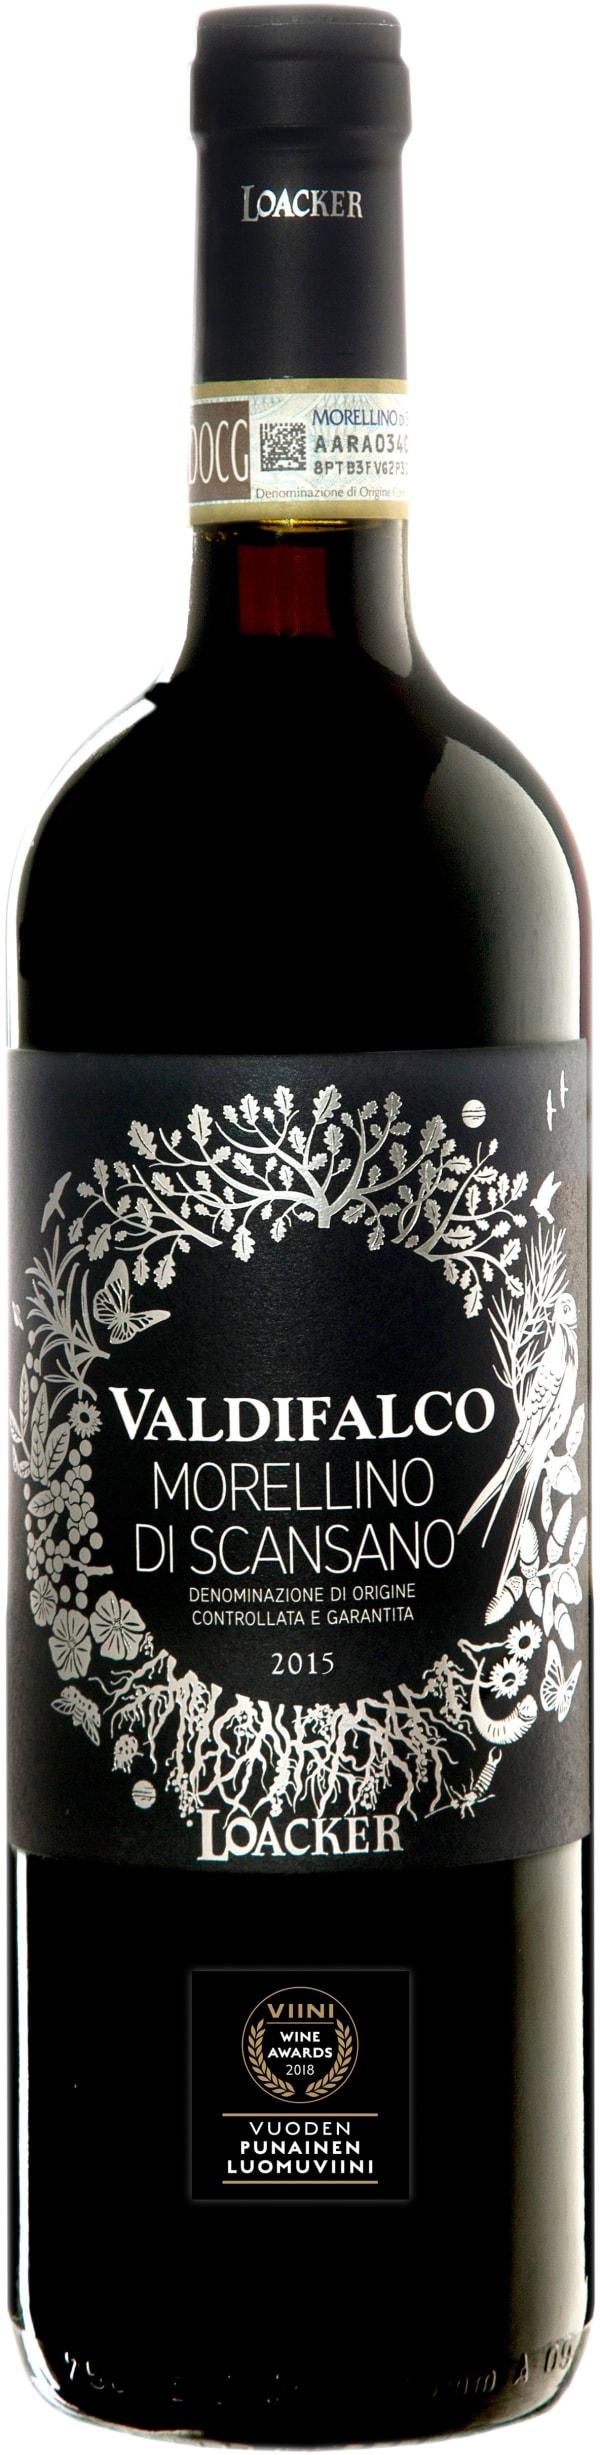 Valdifalco Morellino di Scansano 2016